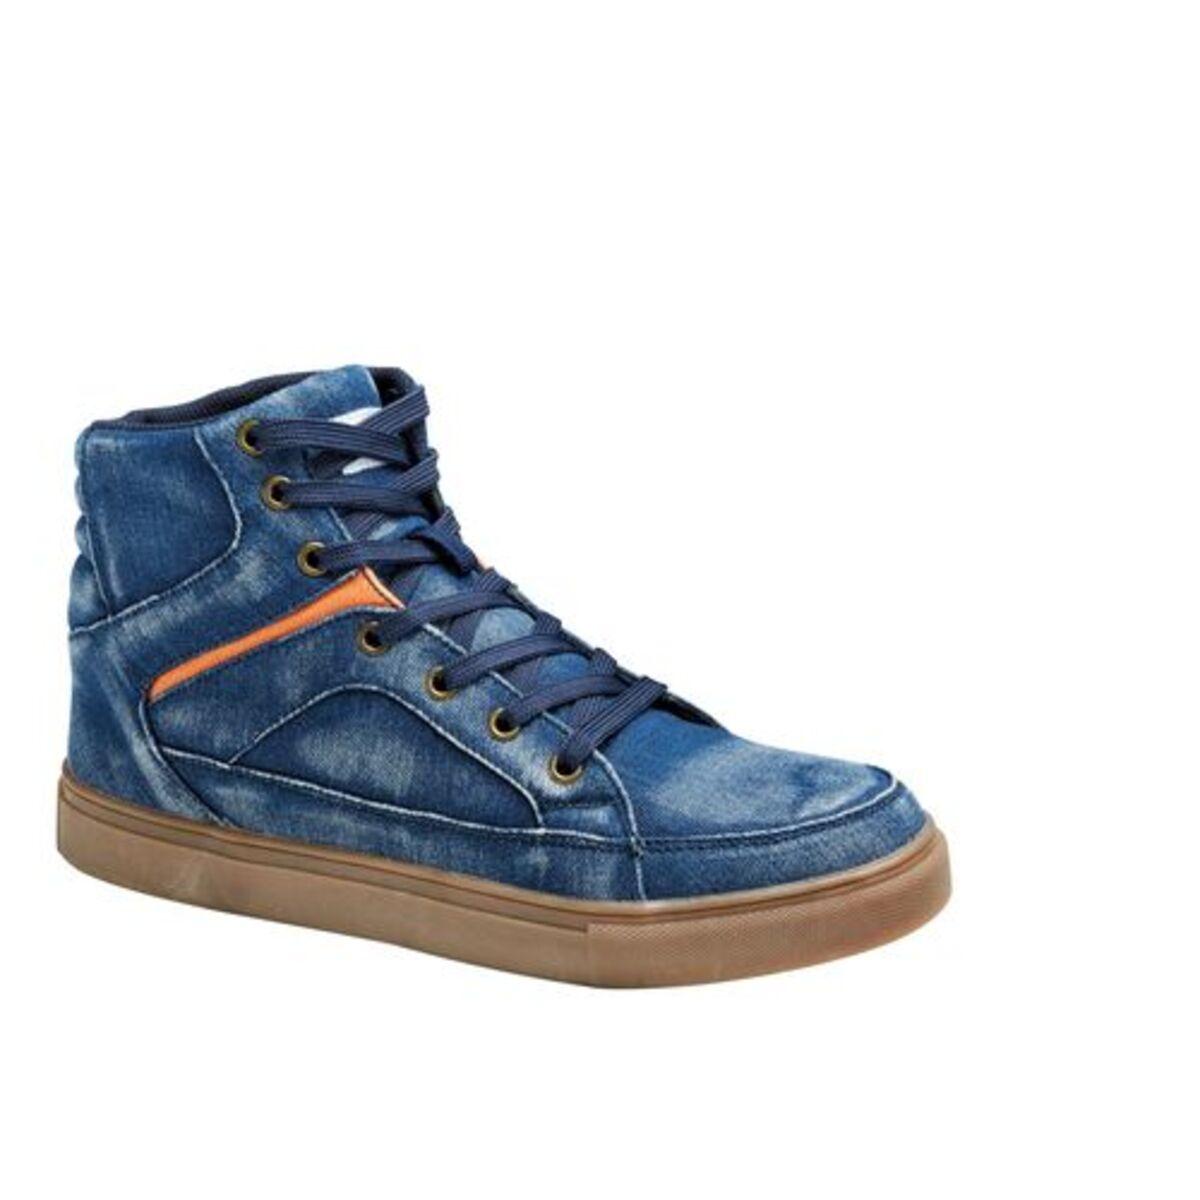 Bild 1 von FLM            Canvas Sneaker blau